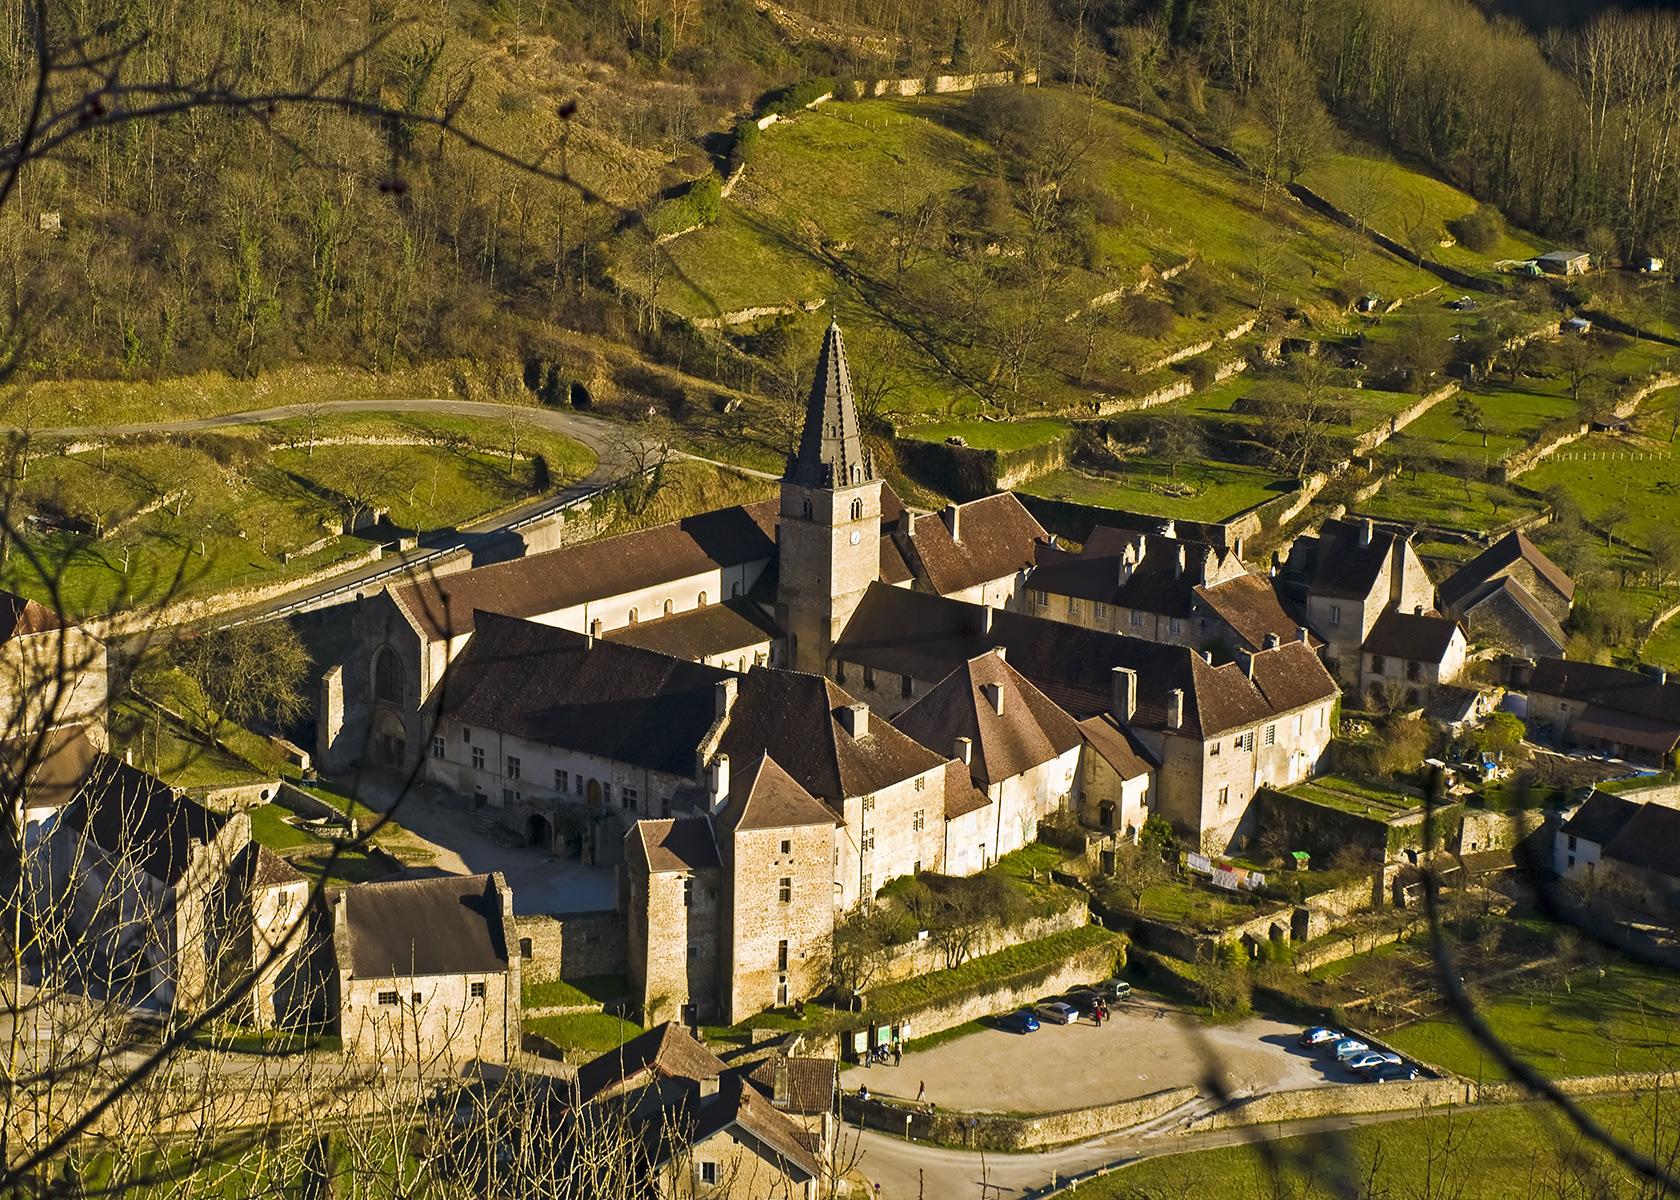 Аббатство Сен-Пьер, достопримечательности региона Франш-Конте